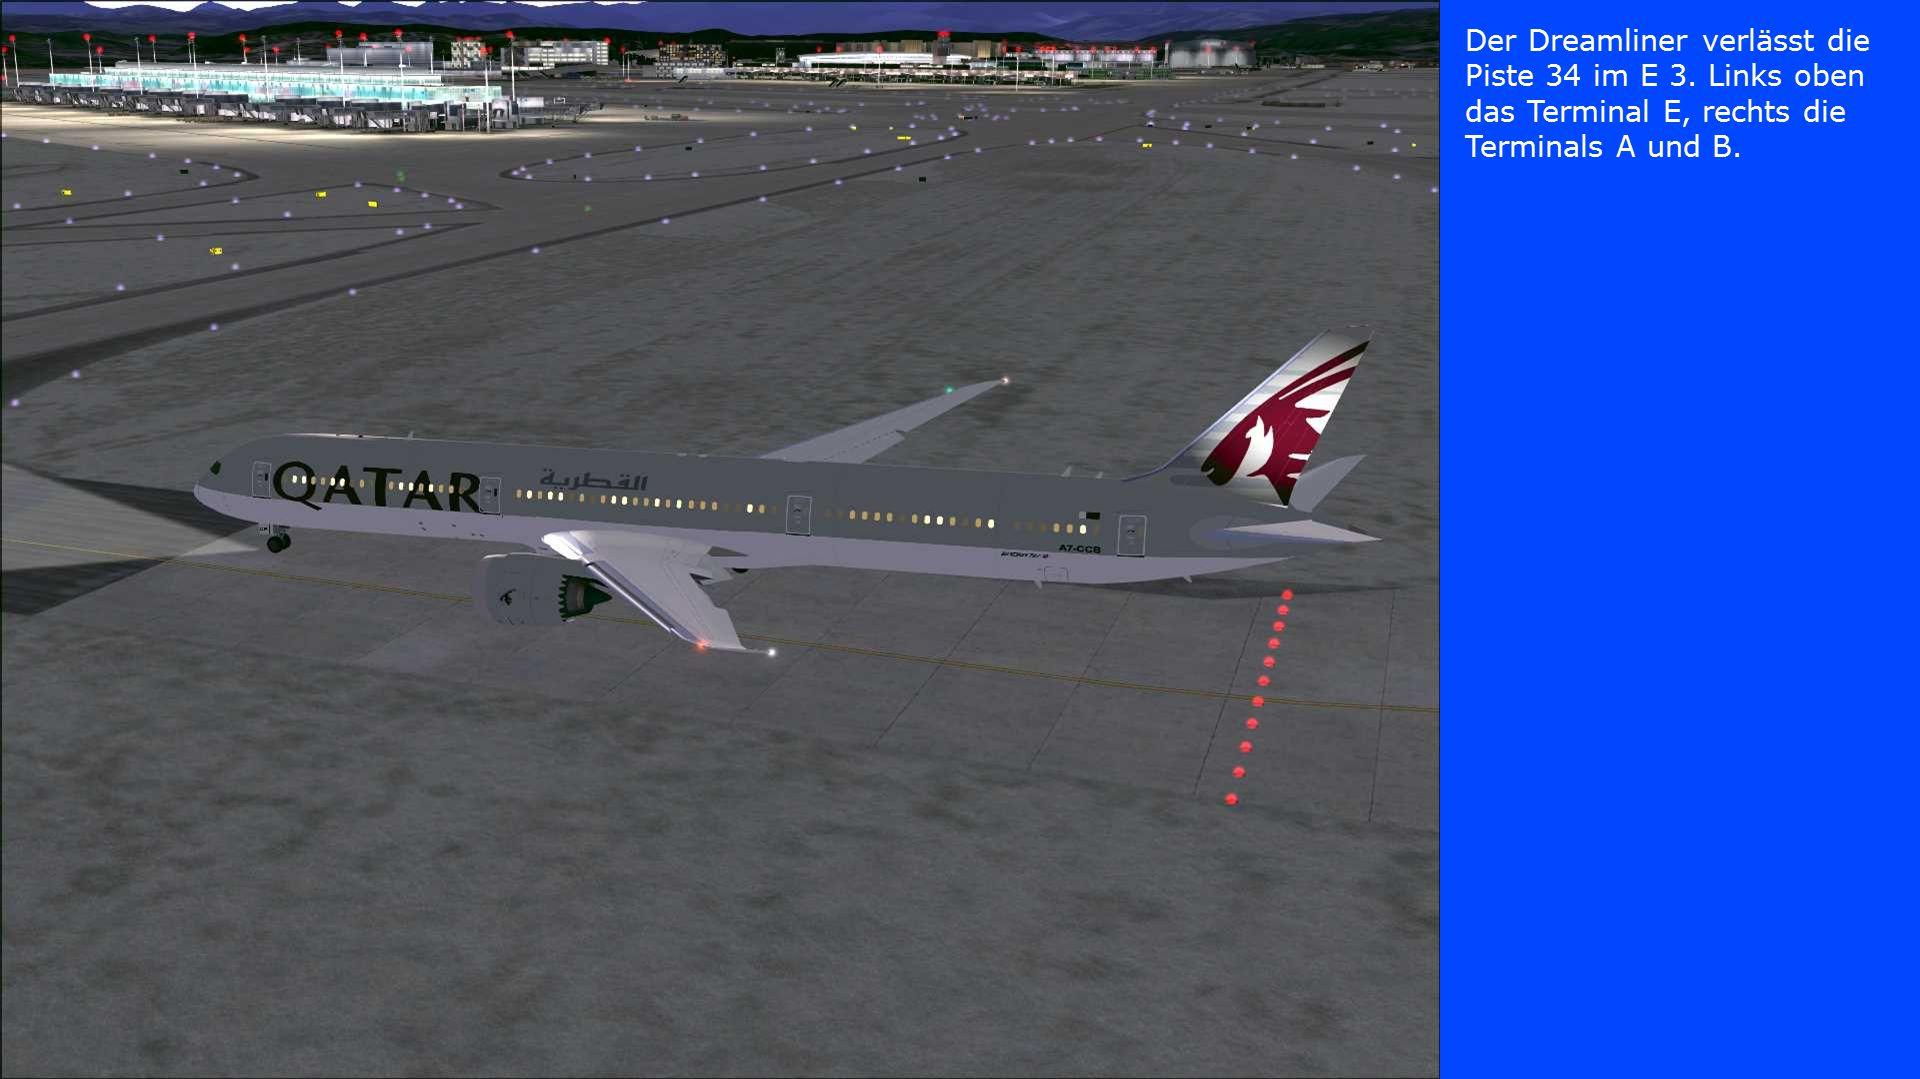 Der Dreamliner verlässt die Piste 34 im E 3. Links oben das Terminal E, rechts die Terminals A und B.